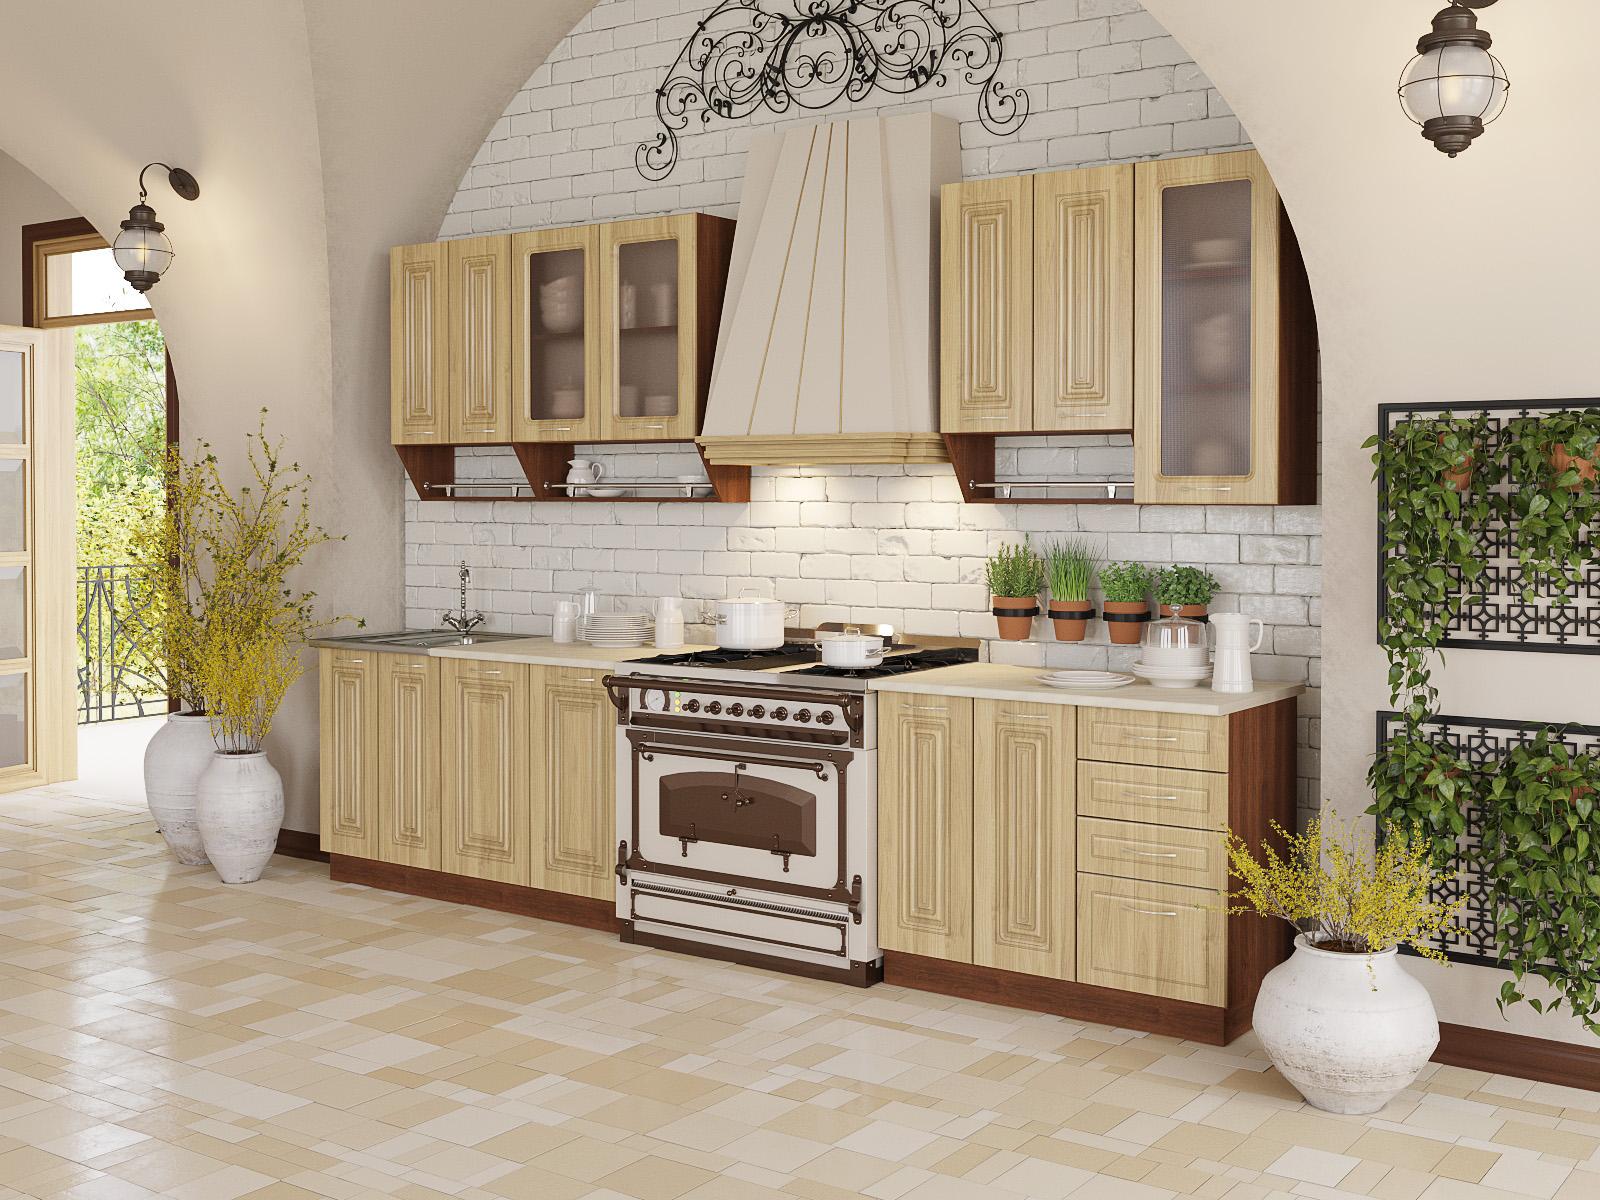 Купить кухню Дарина Прованс лиственница (Артём-Мебель) в Минске